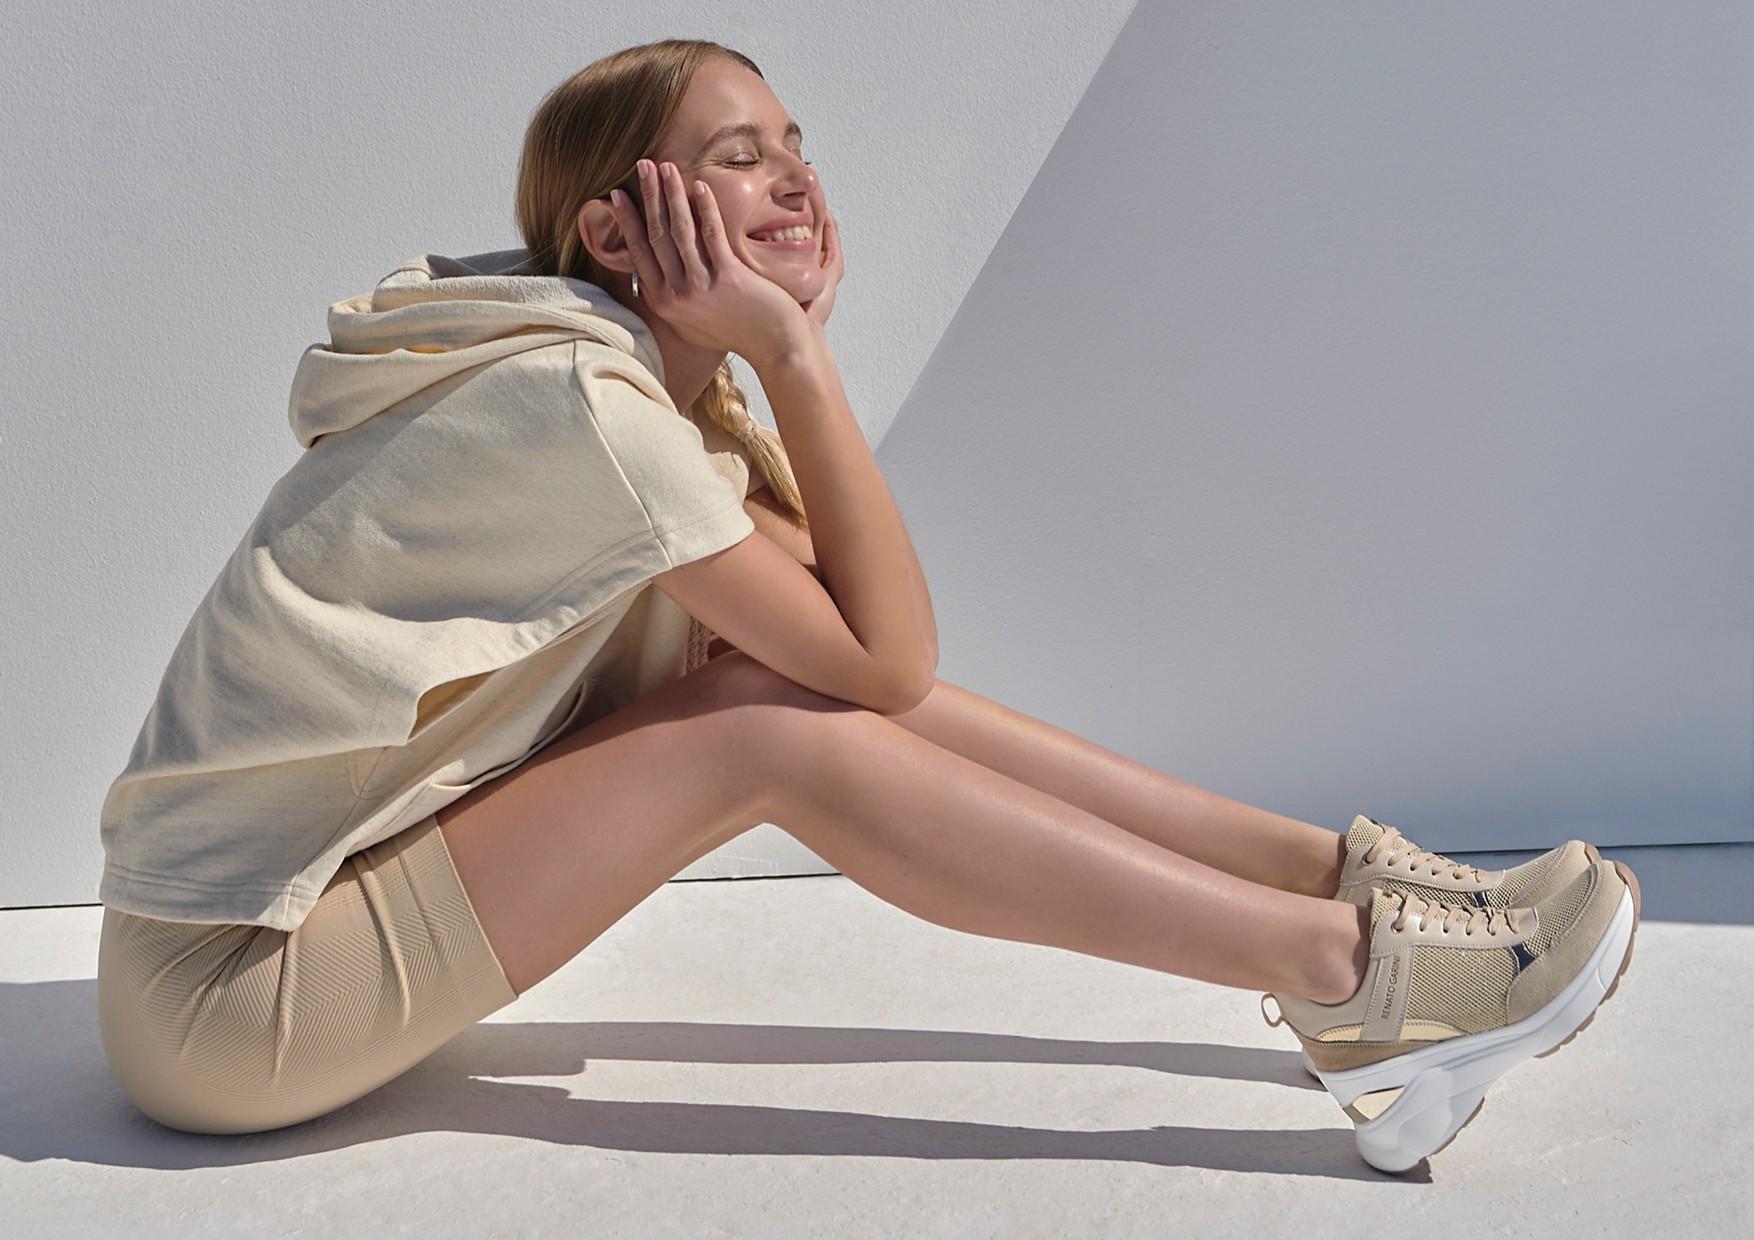 Αυτά είναι τα sneakers που θα φορέσεις με όλα τα spring outfits Τα sneakers είναι αναμφίβολα το must have ζευγάρι που πρέπει να έχεις στη συλλογή σου την άνοιξη και εδώ θα βρεις τις πιο stylish προτάσεις της αγοράς.